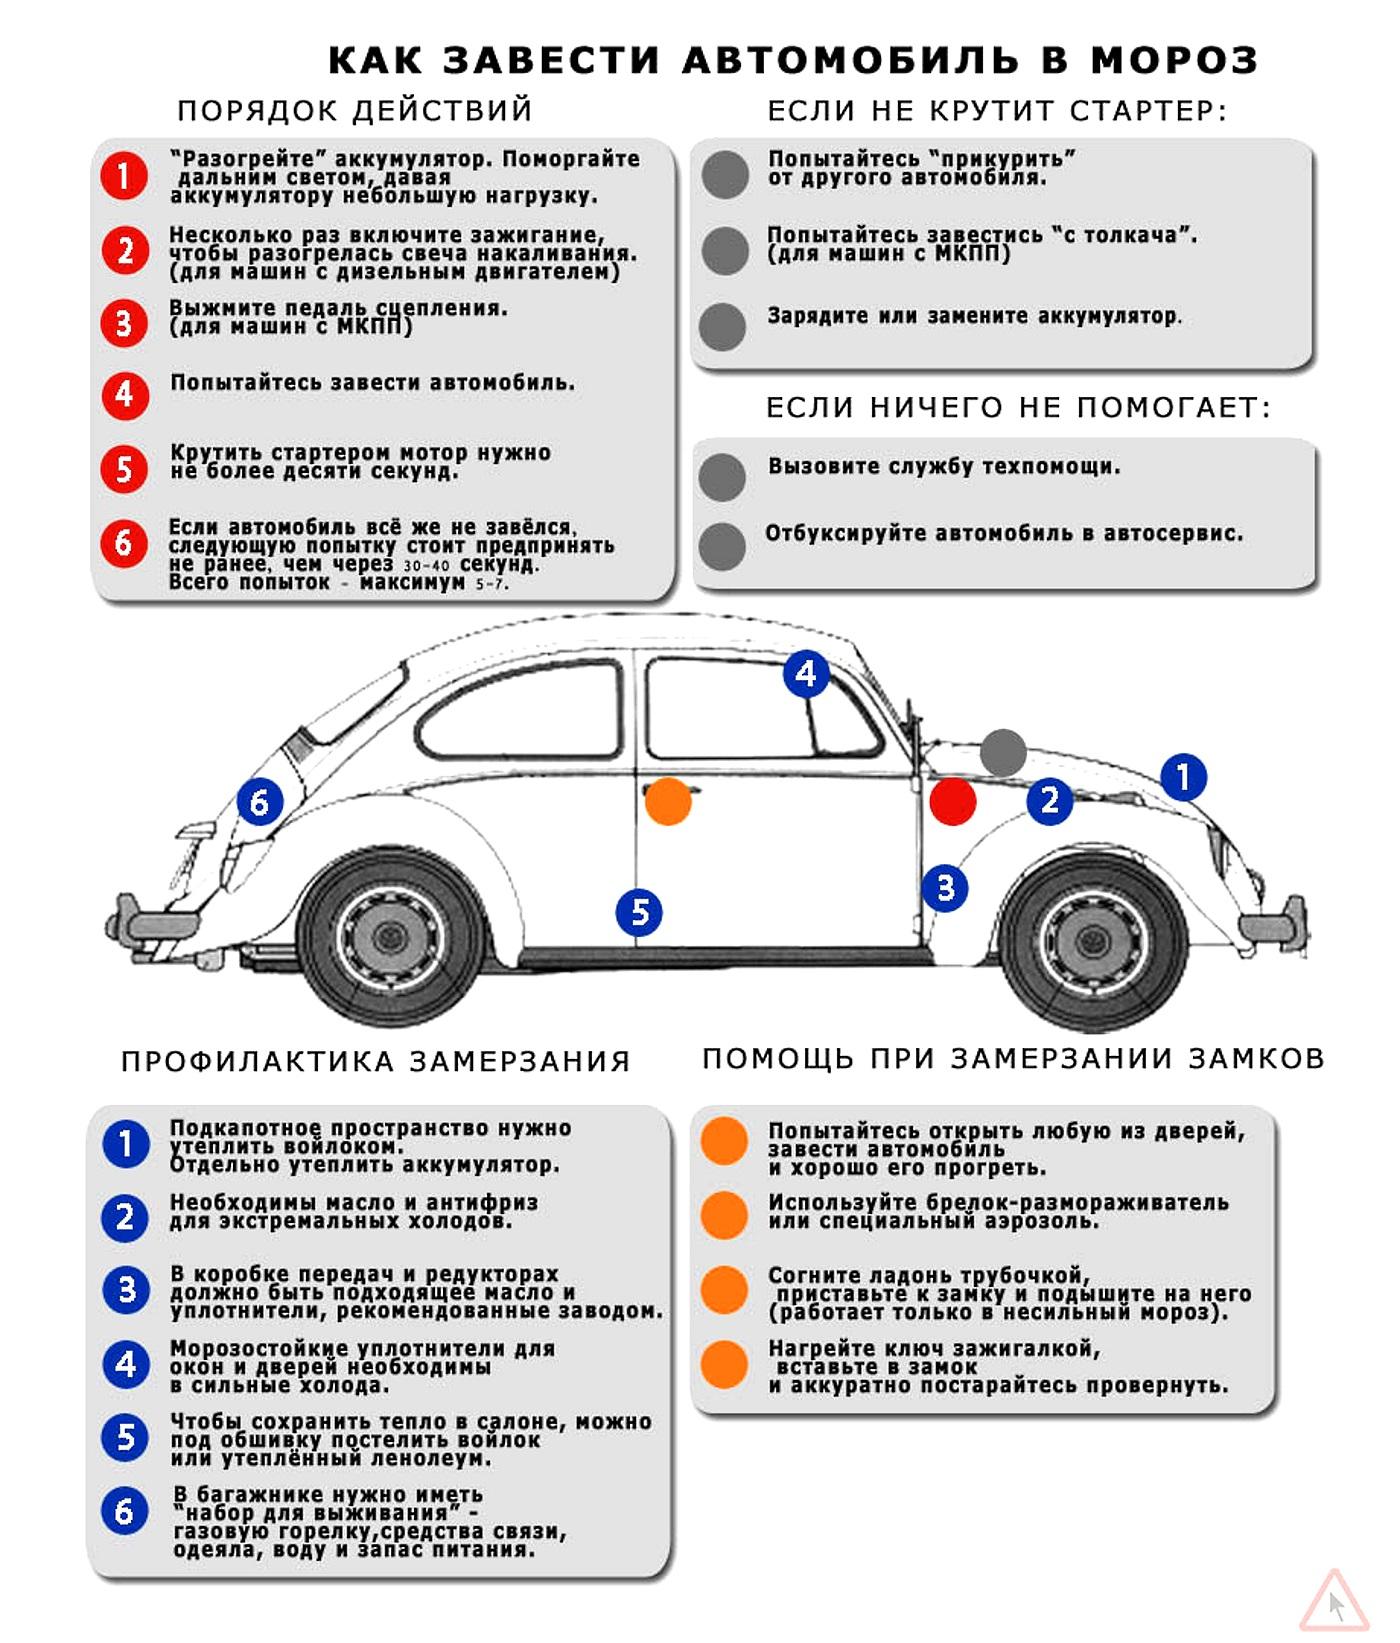 последовательность зарядки аккумулятора автомобиля